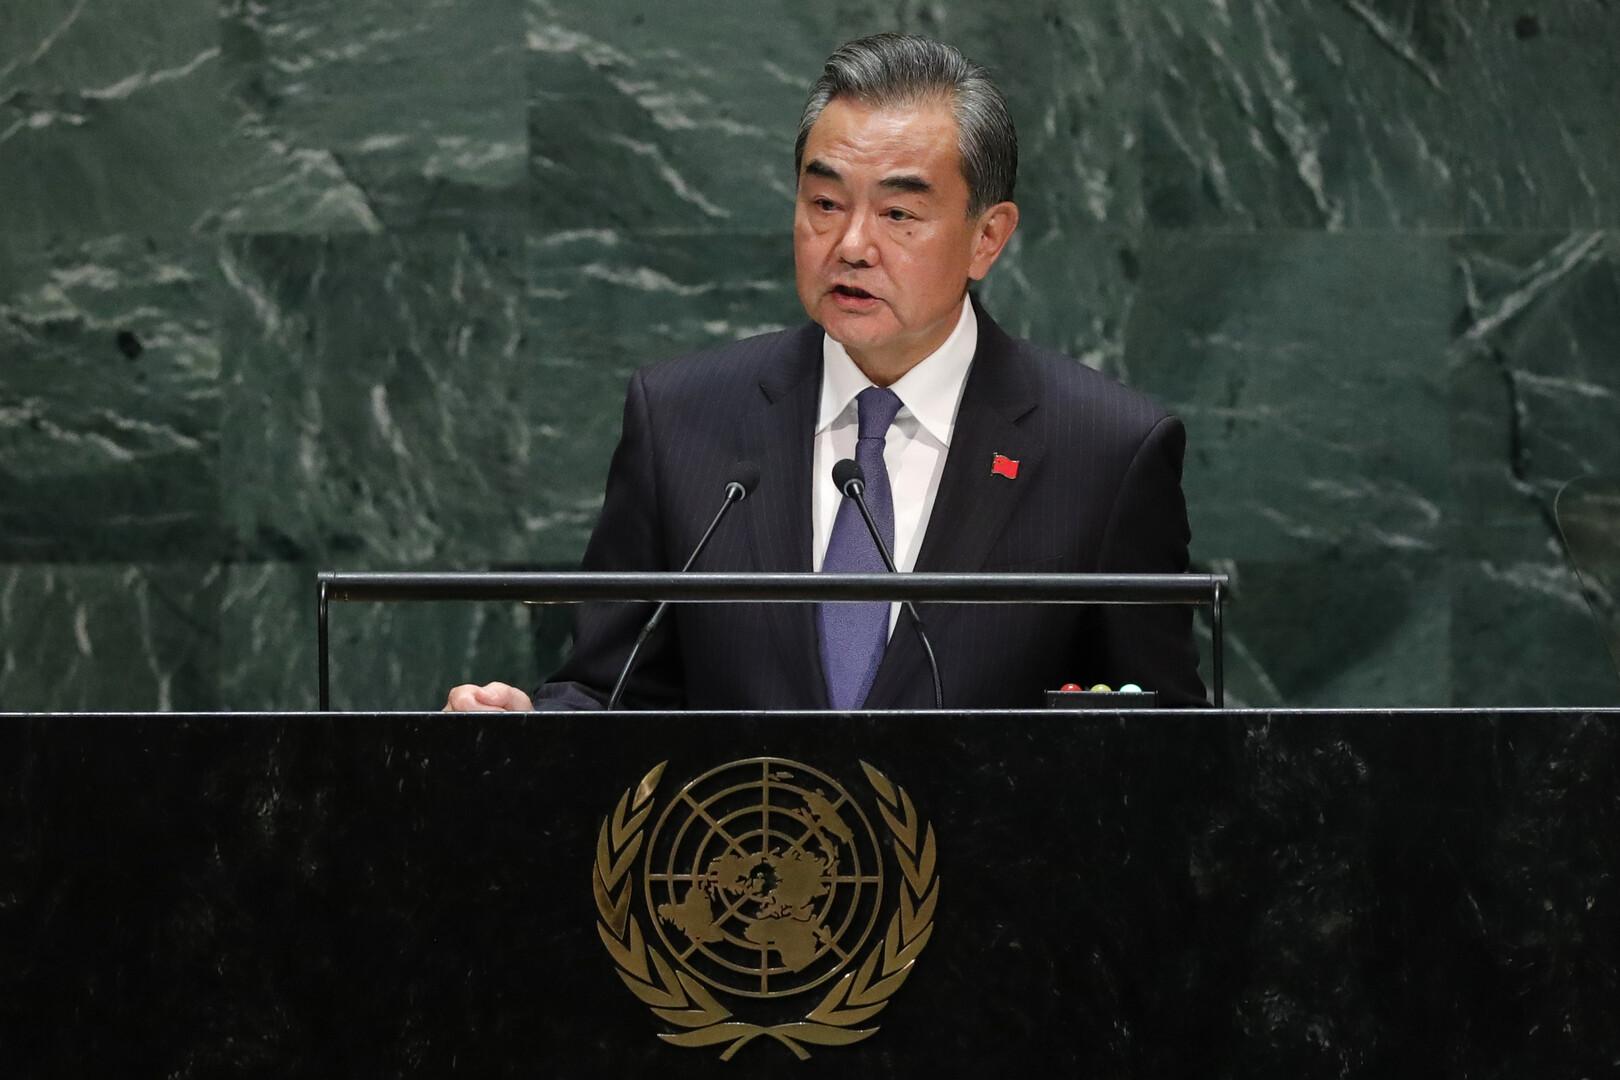 وزير الخارجية الصيني، وانغ يي، يلقي خطابا أمام الجمعية العامة الـ74 للأمم المتحدة